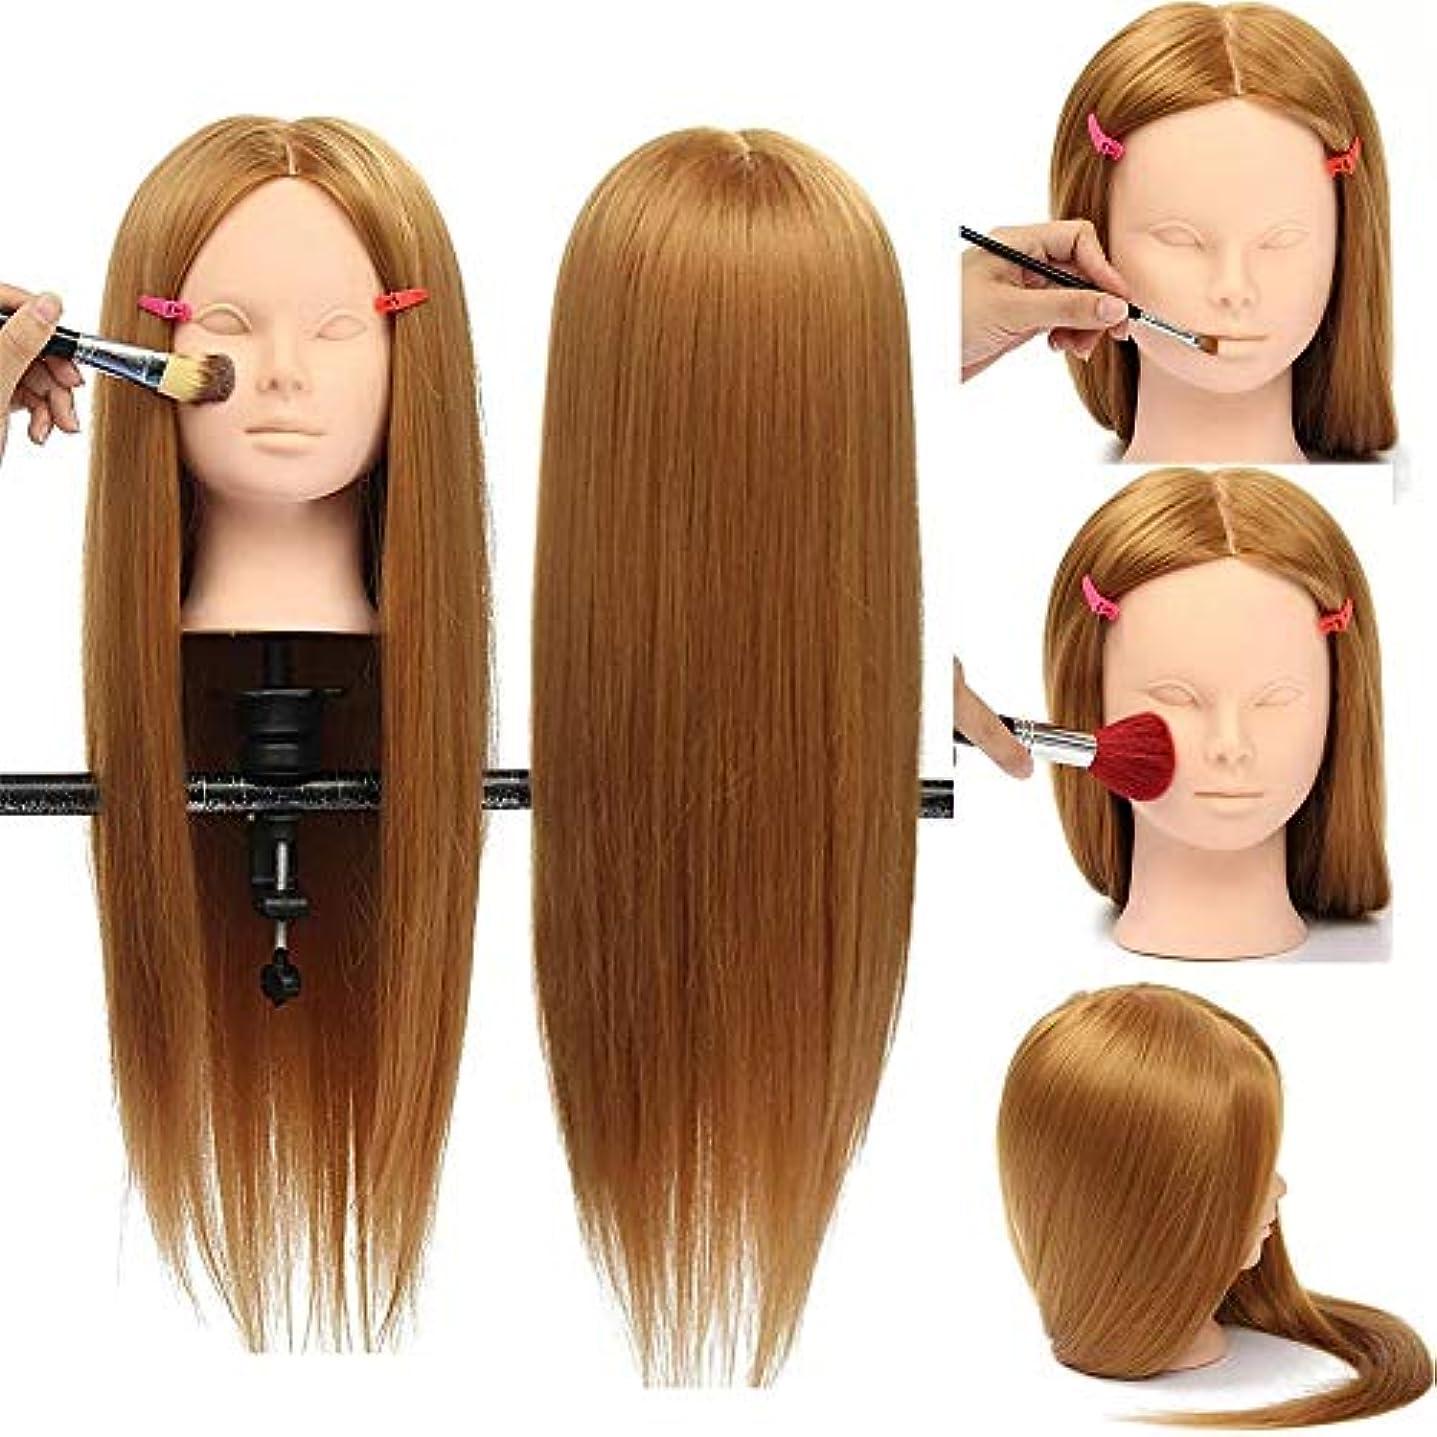 均等にリスク文芸ヘアマネキンヘッド クランプホルダと高温繊維30%本物の人間の髪の毛26